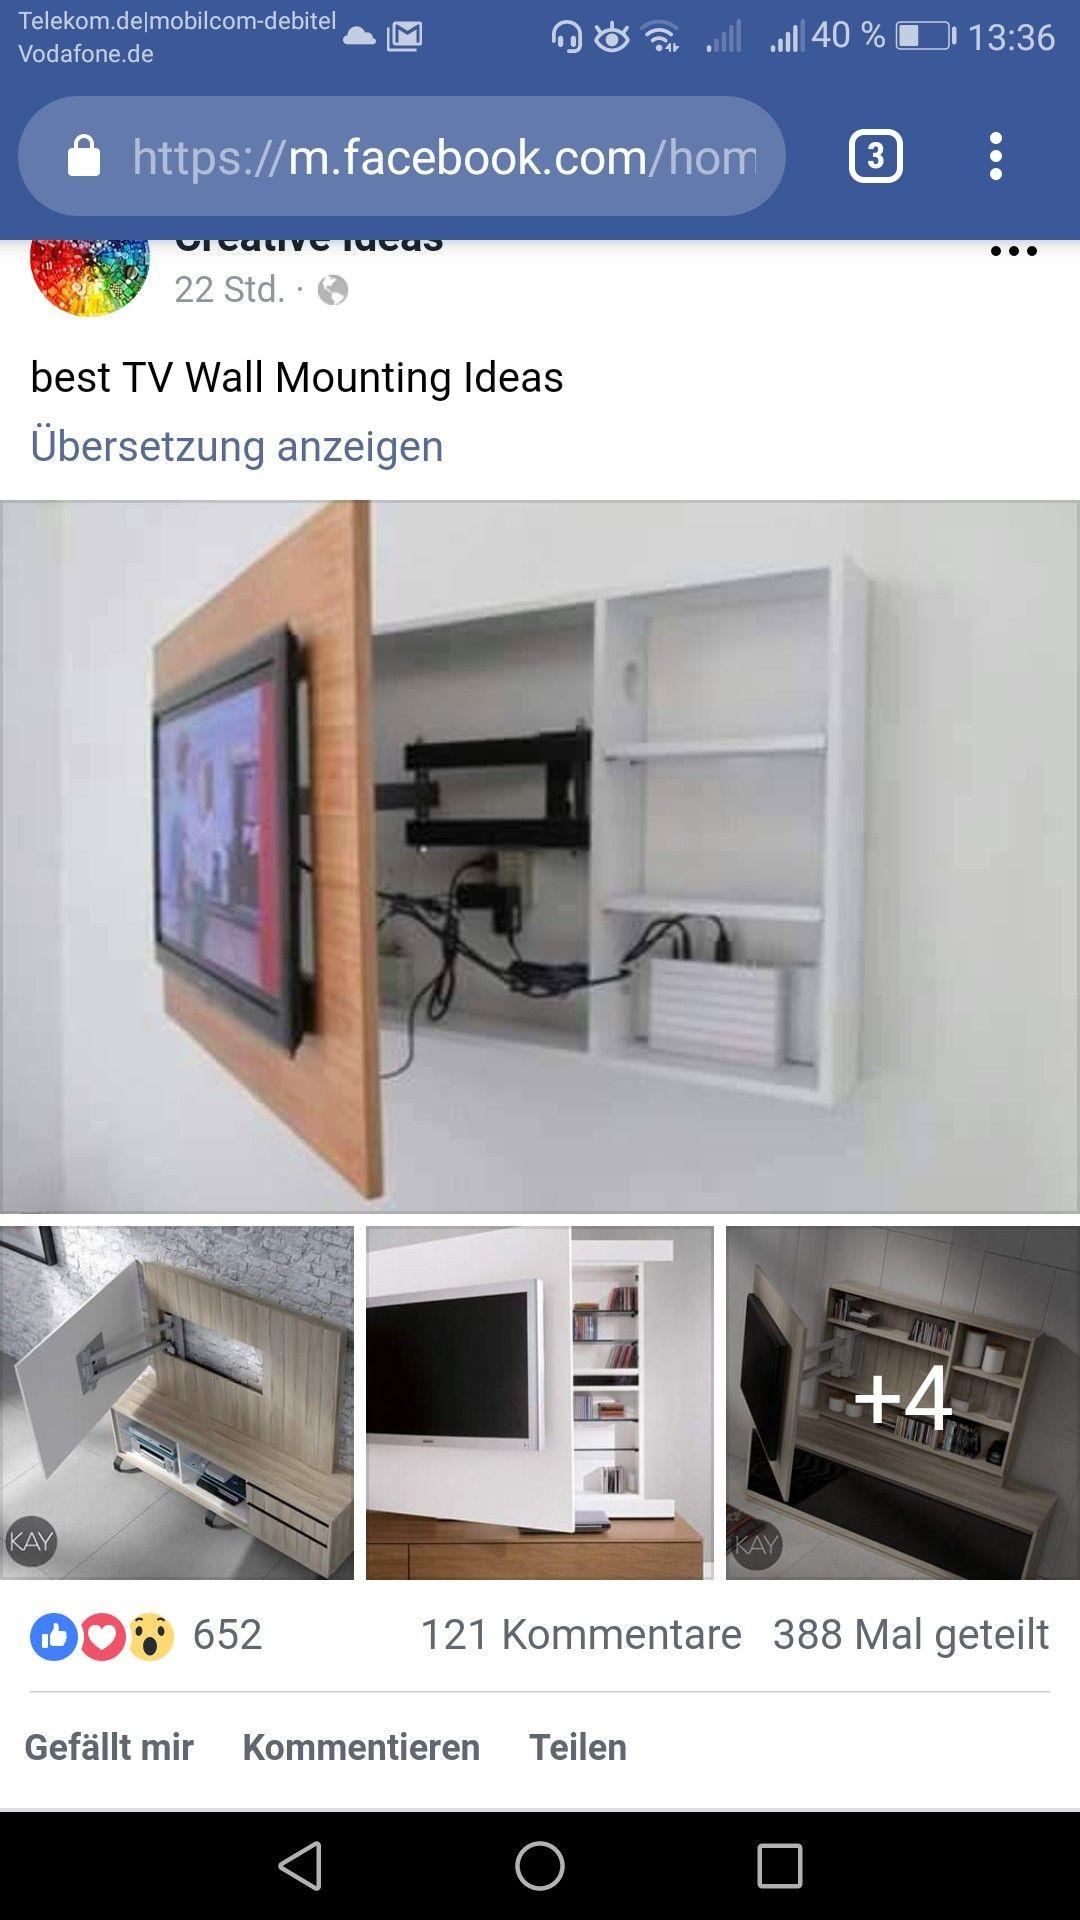 Tv Wand Kabel Verstecken Home In 2019 Tv Wand Kabel Verstecken